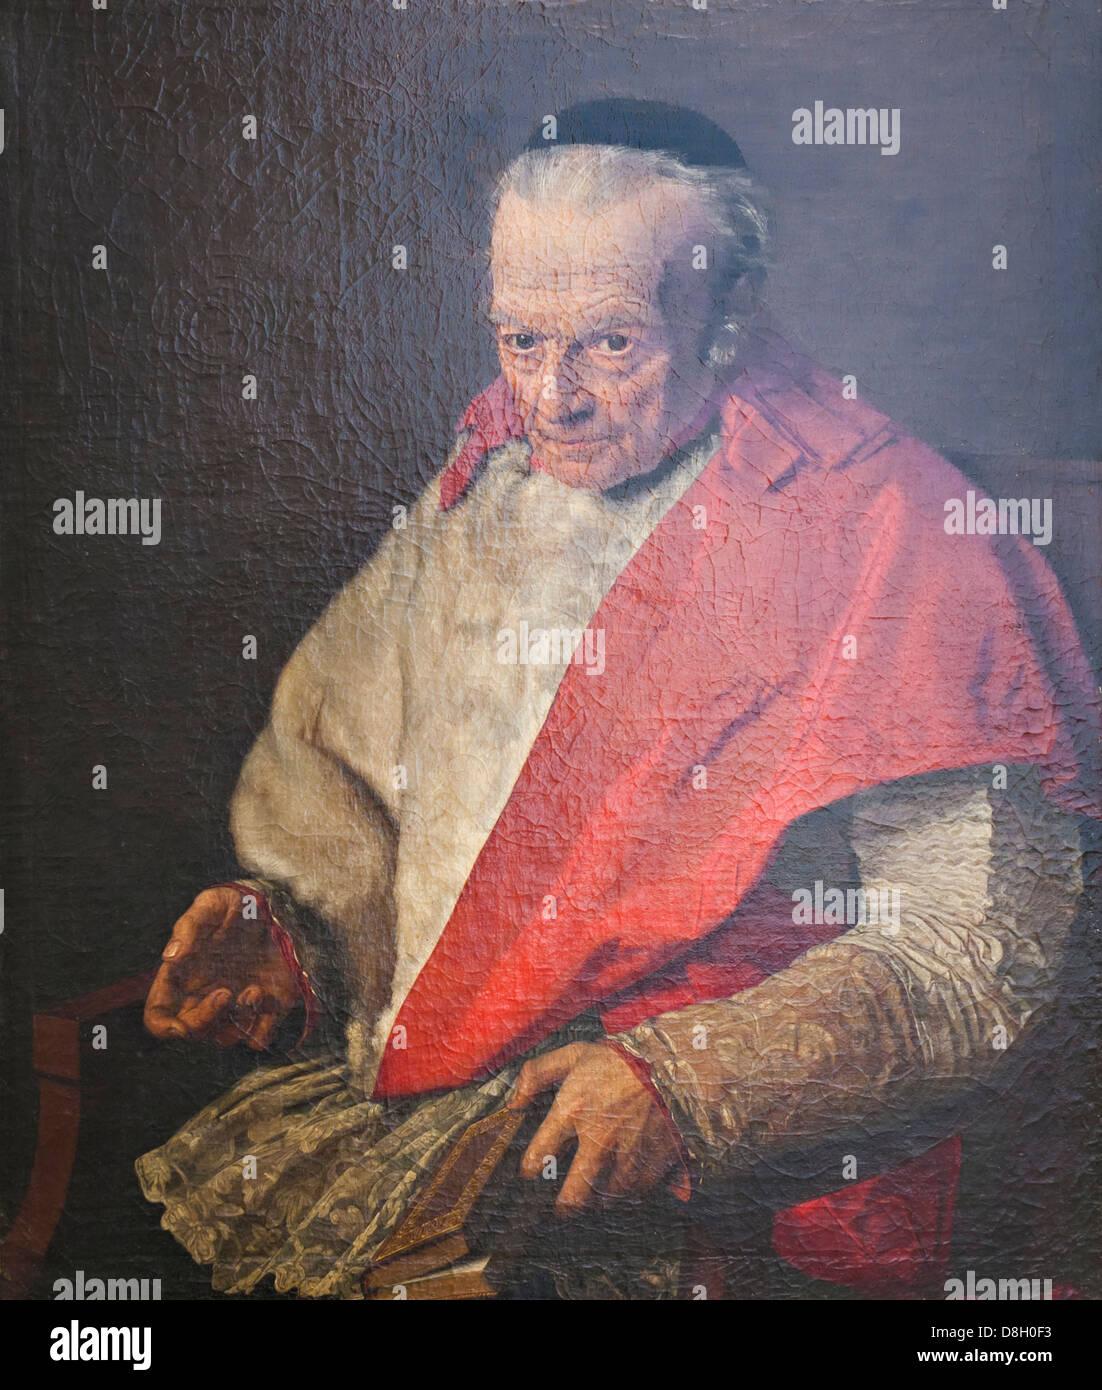 Ritratto del canonico Nicola Giordano,Gaetano Forte - Stock Image